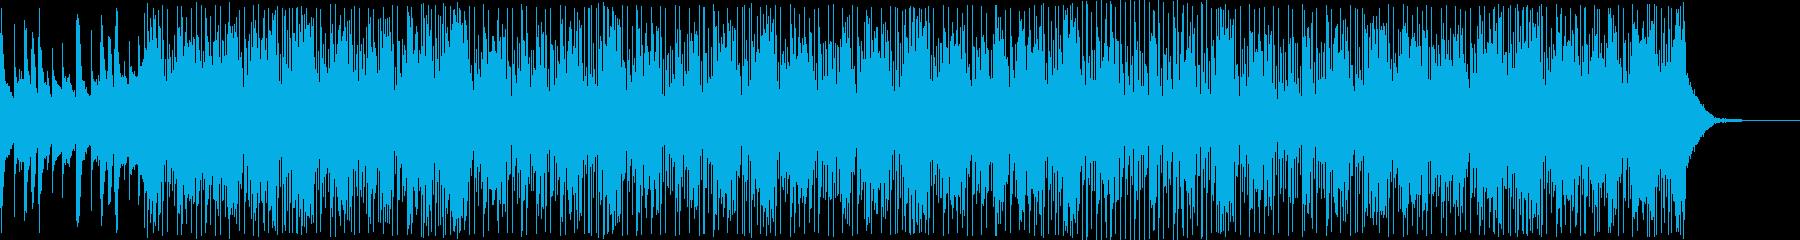 ダンスミュージック寄りのトラップの再生済みの波形